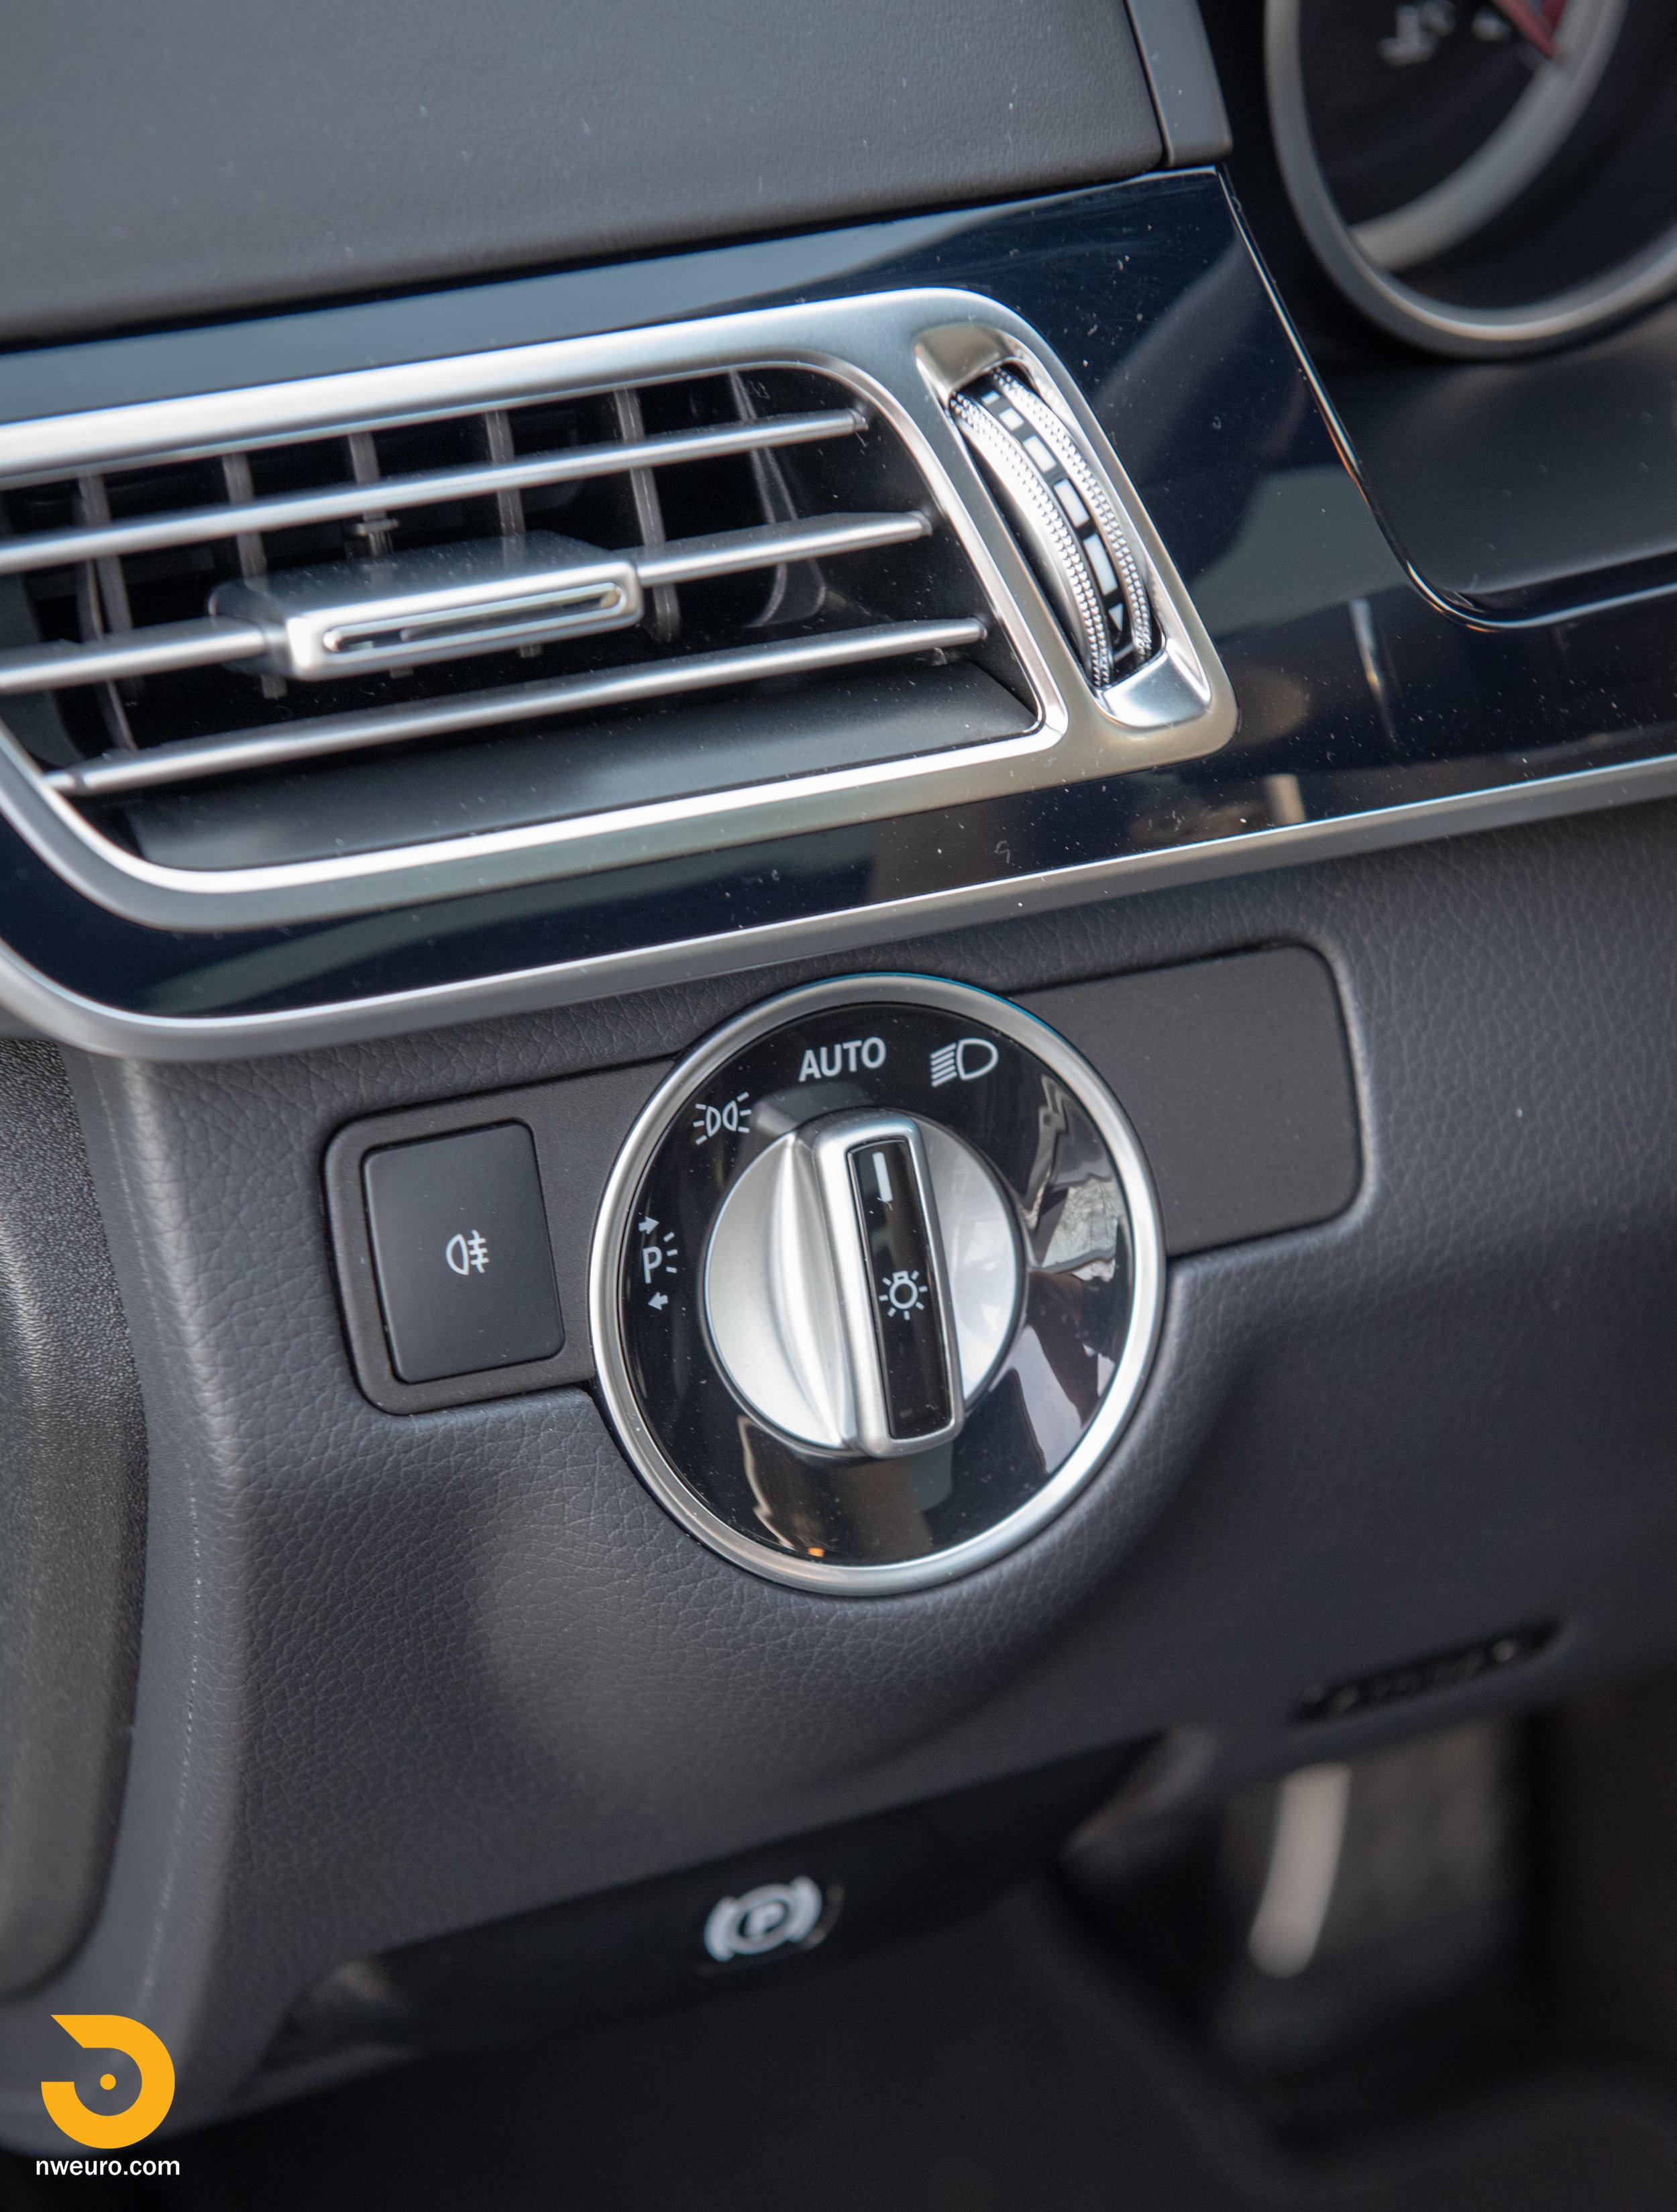 2016 Mercedes-Benz E63S Wagon-43.jpg